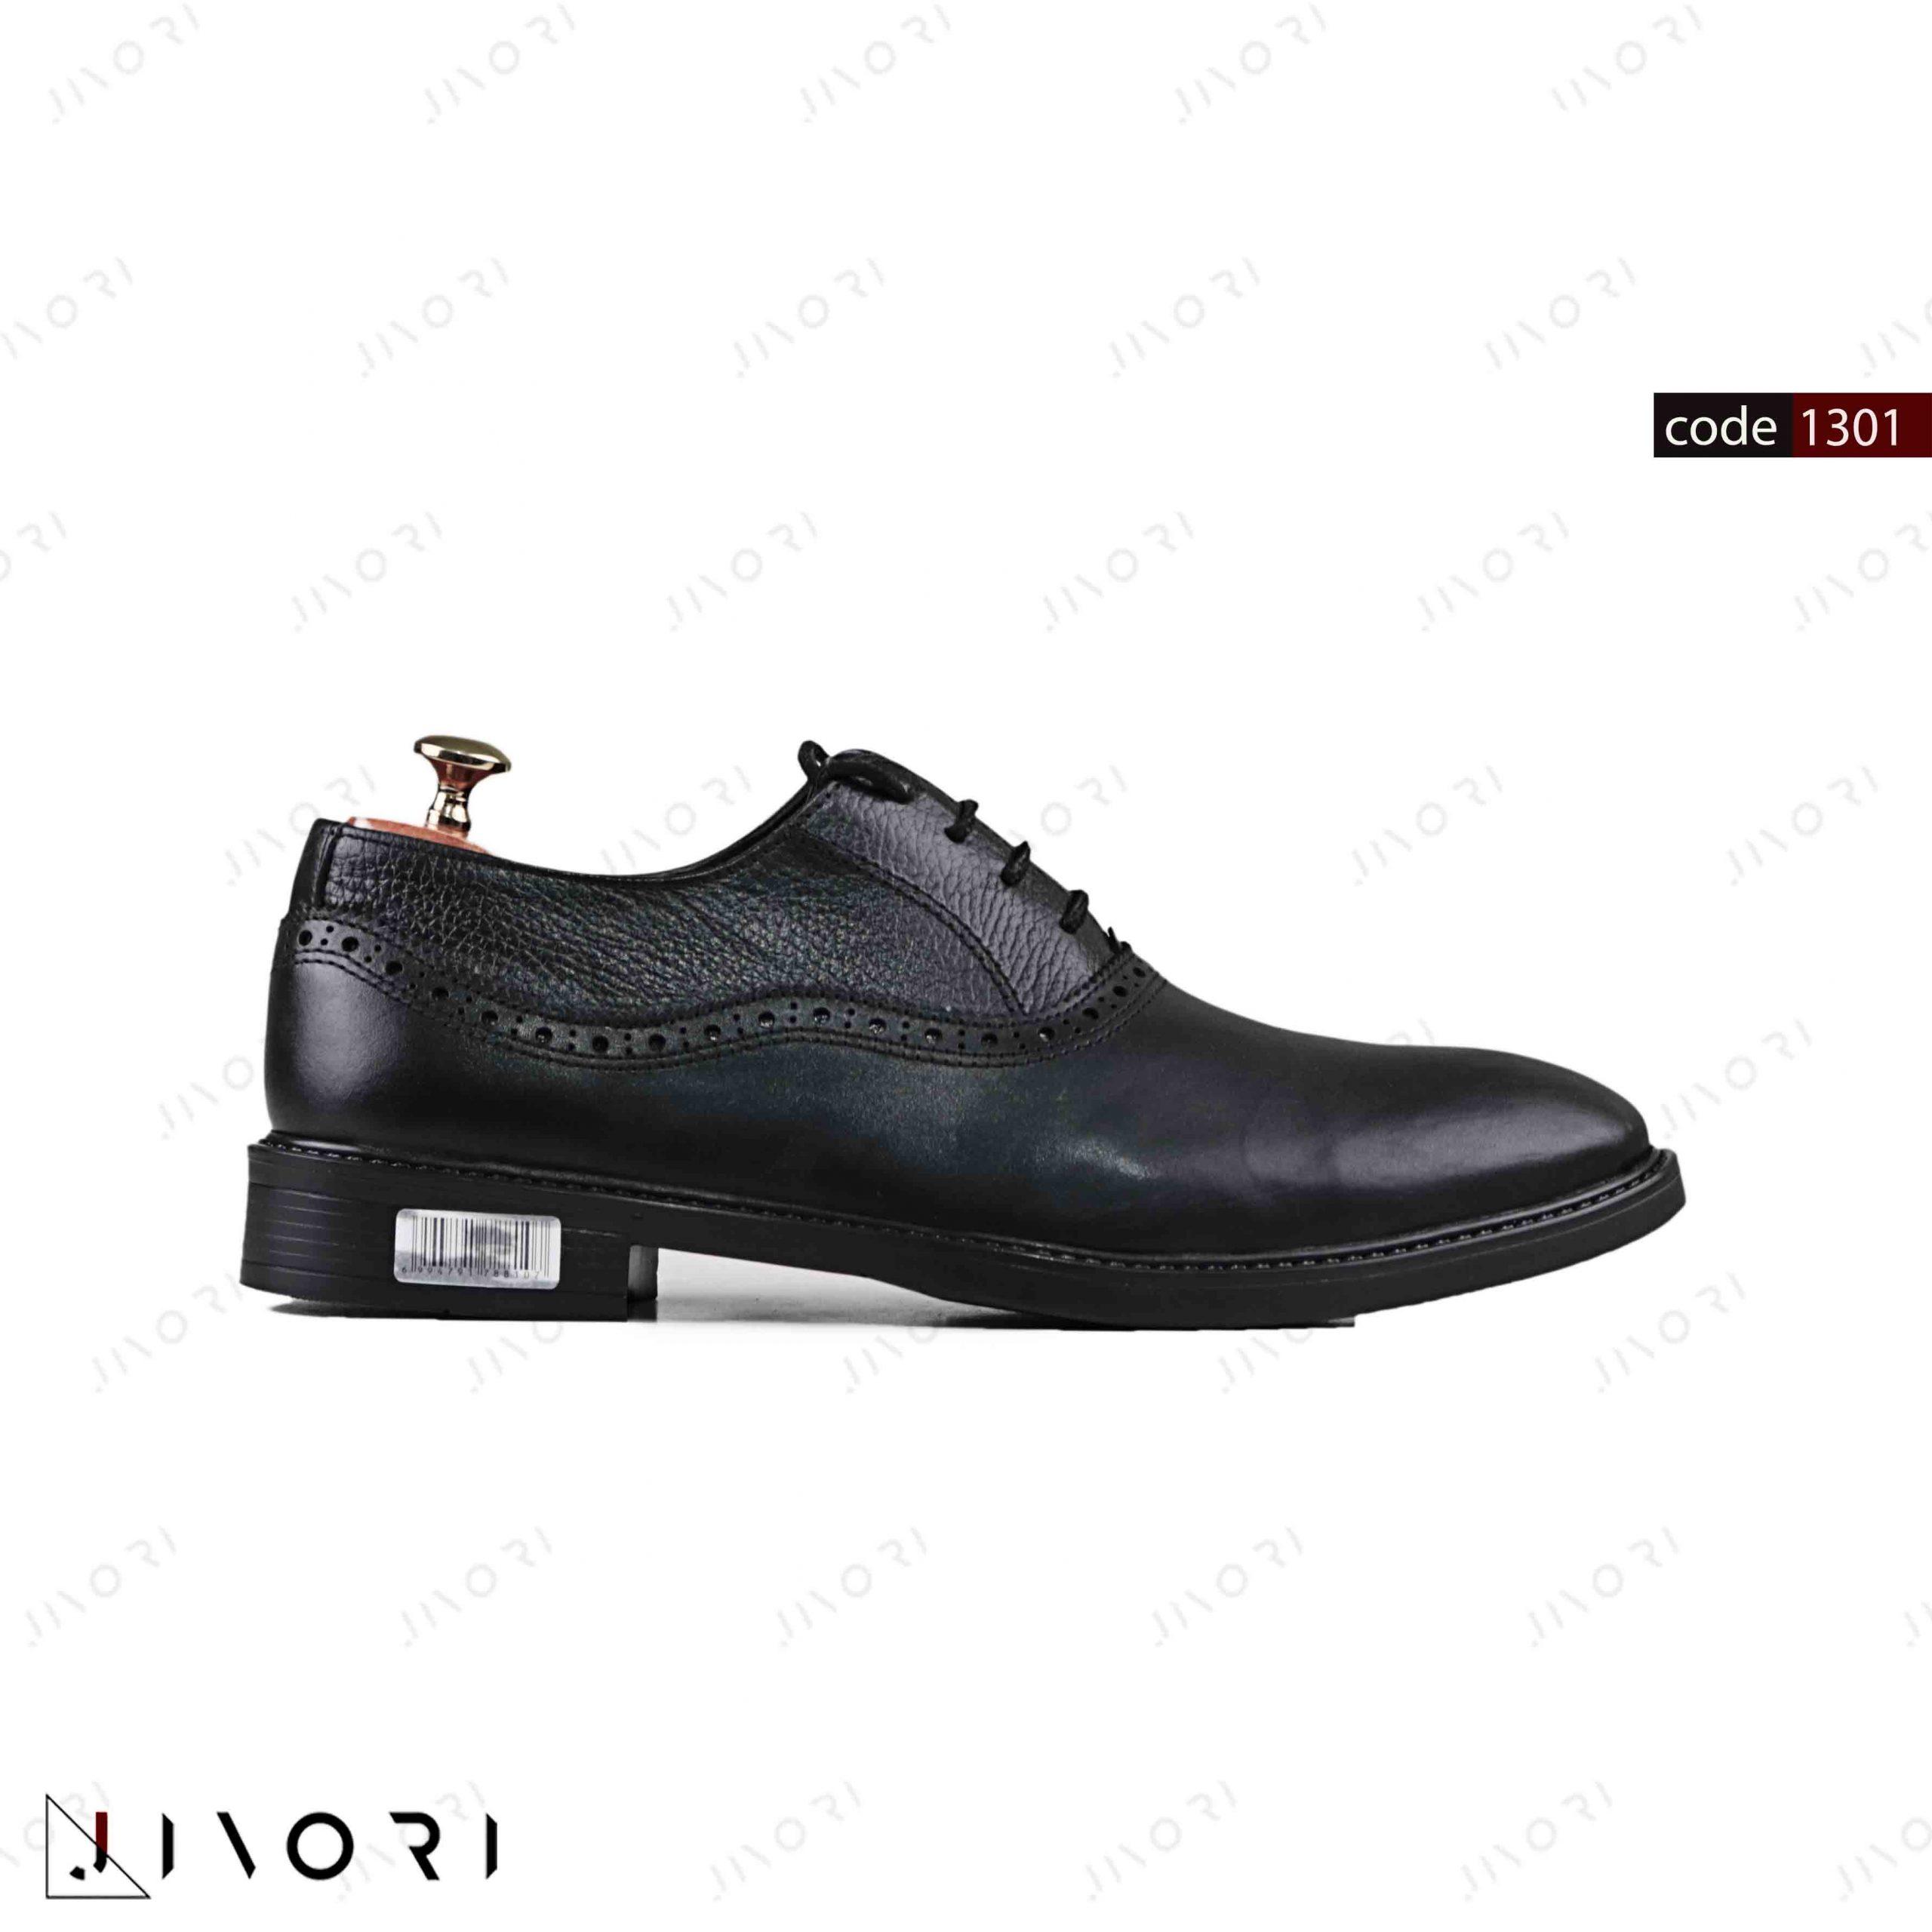 کفش بِرت اکو  (1301)